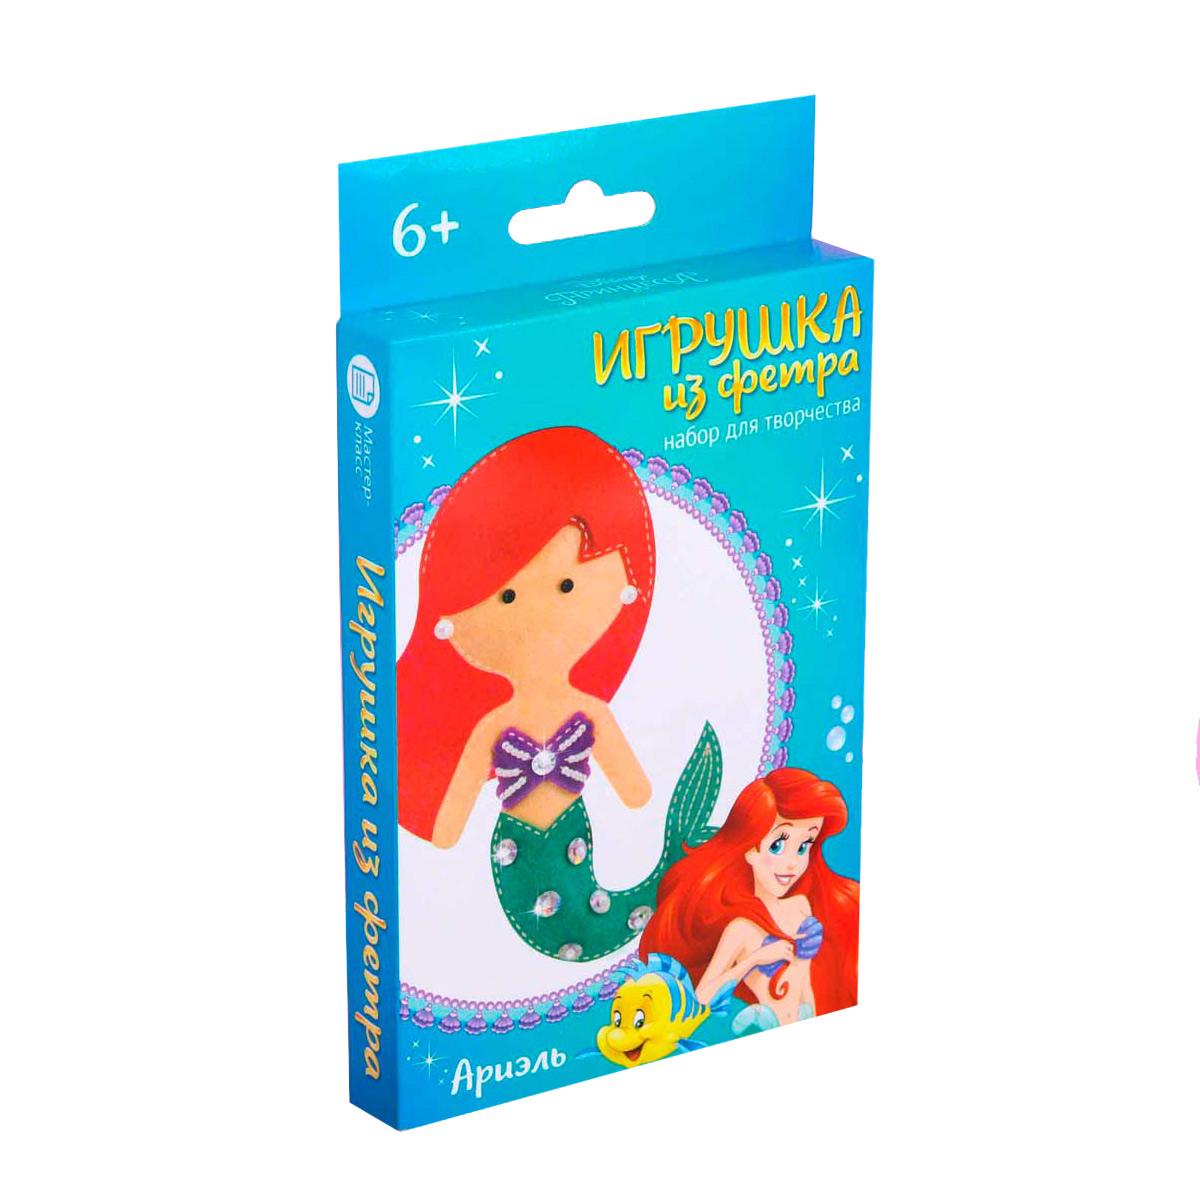 4038686 Набор для создания куколки-игрушки из фетра 'Моя куколка' Принцессы: Ариэль